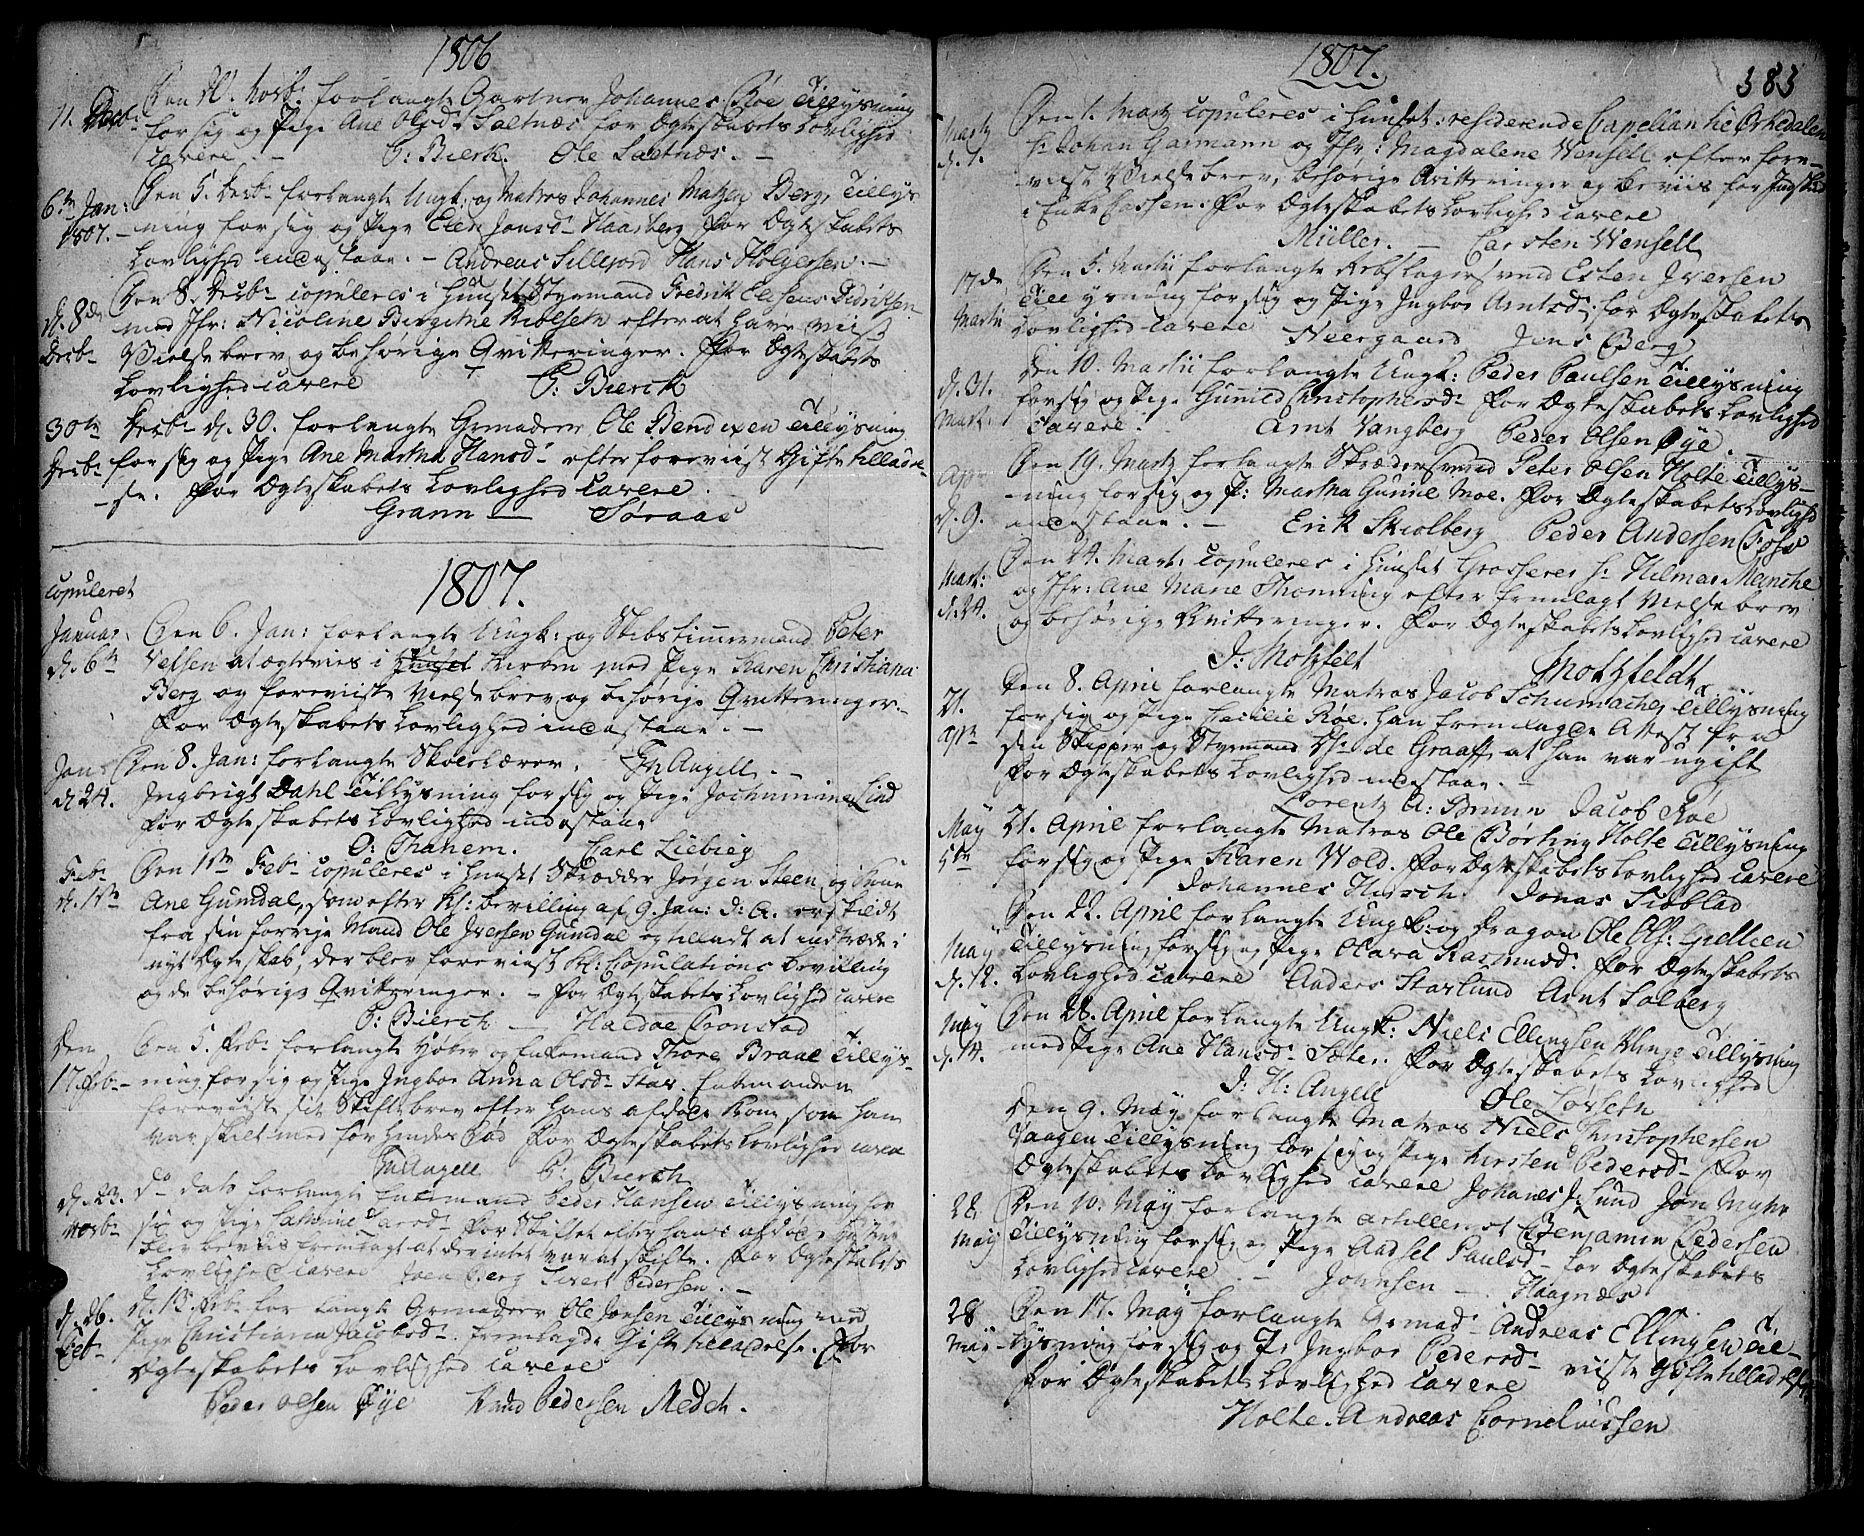 SAT, Ministerialprotokoller, klokkerbøker og fødselsregistre - Sør-Trøndelag, 601/L0038: Ministerialbok nr. 601A06, 1766-1877, s. 383